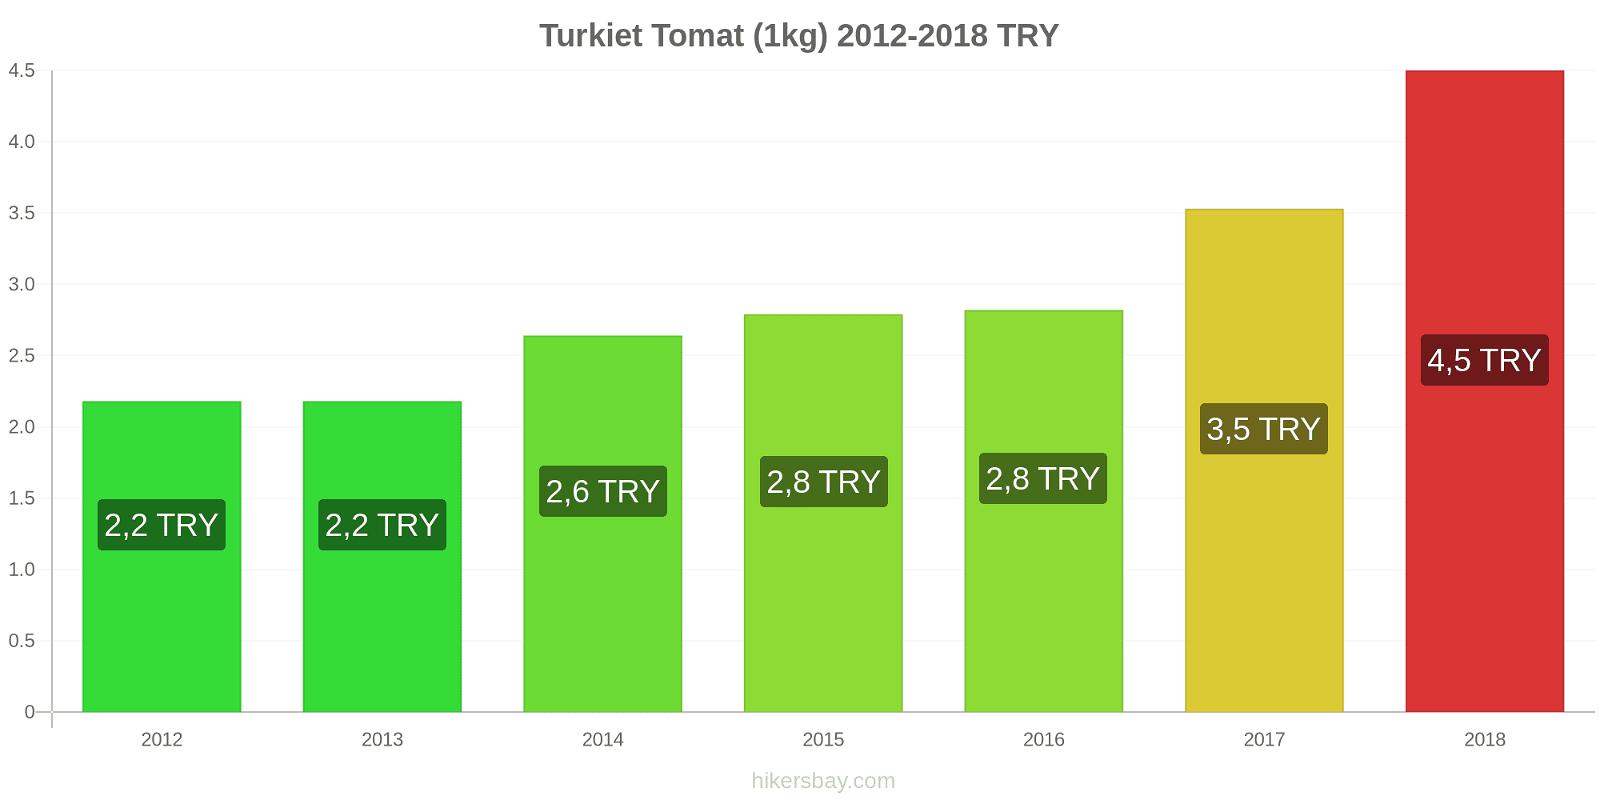 Turkiet prisförändringar Tomat (1kg) hikersbay.com